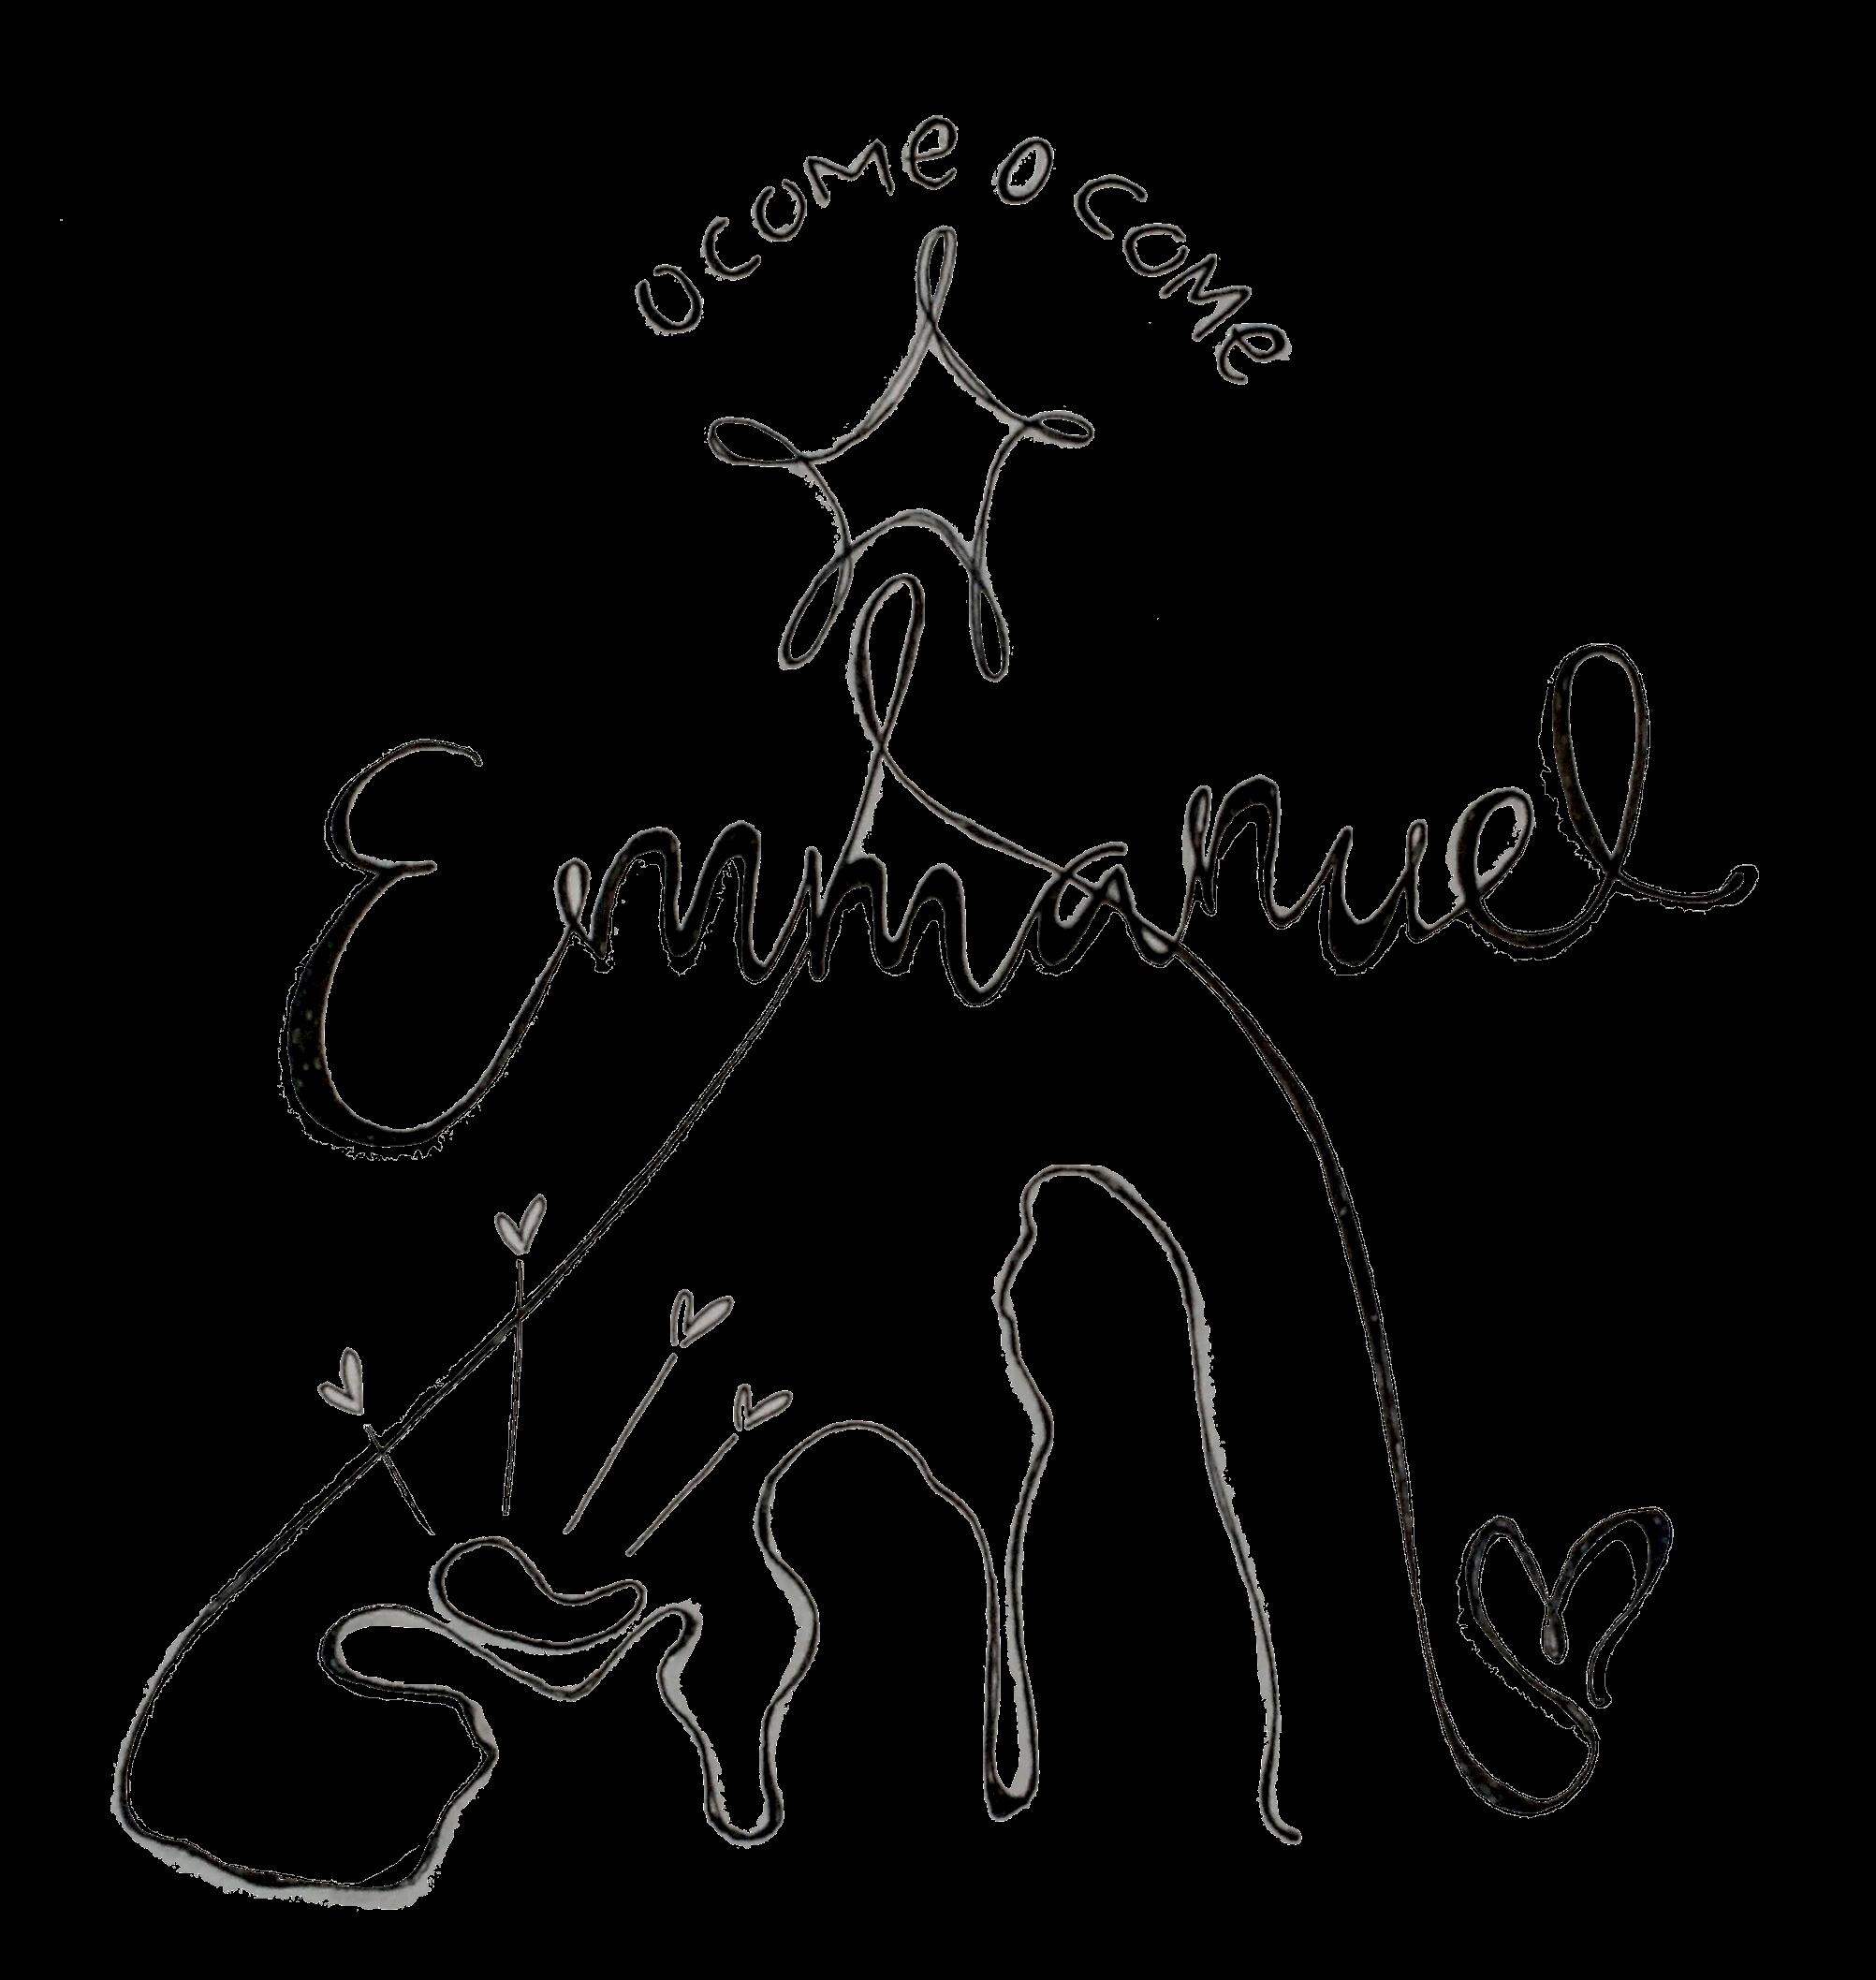 Oh come emmanuel clipart graphic transparent download O Come O Come Emmanuel Clip Art - #traffic-club graphic transparent download